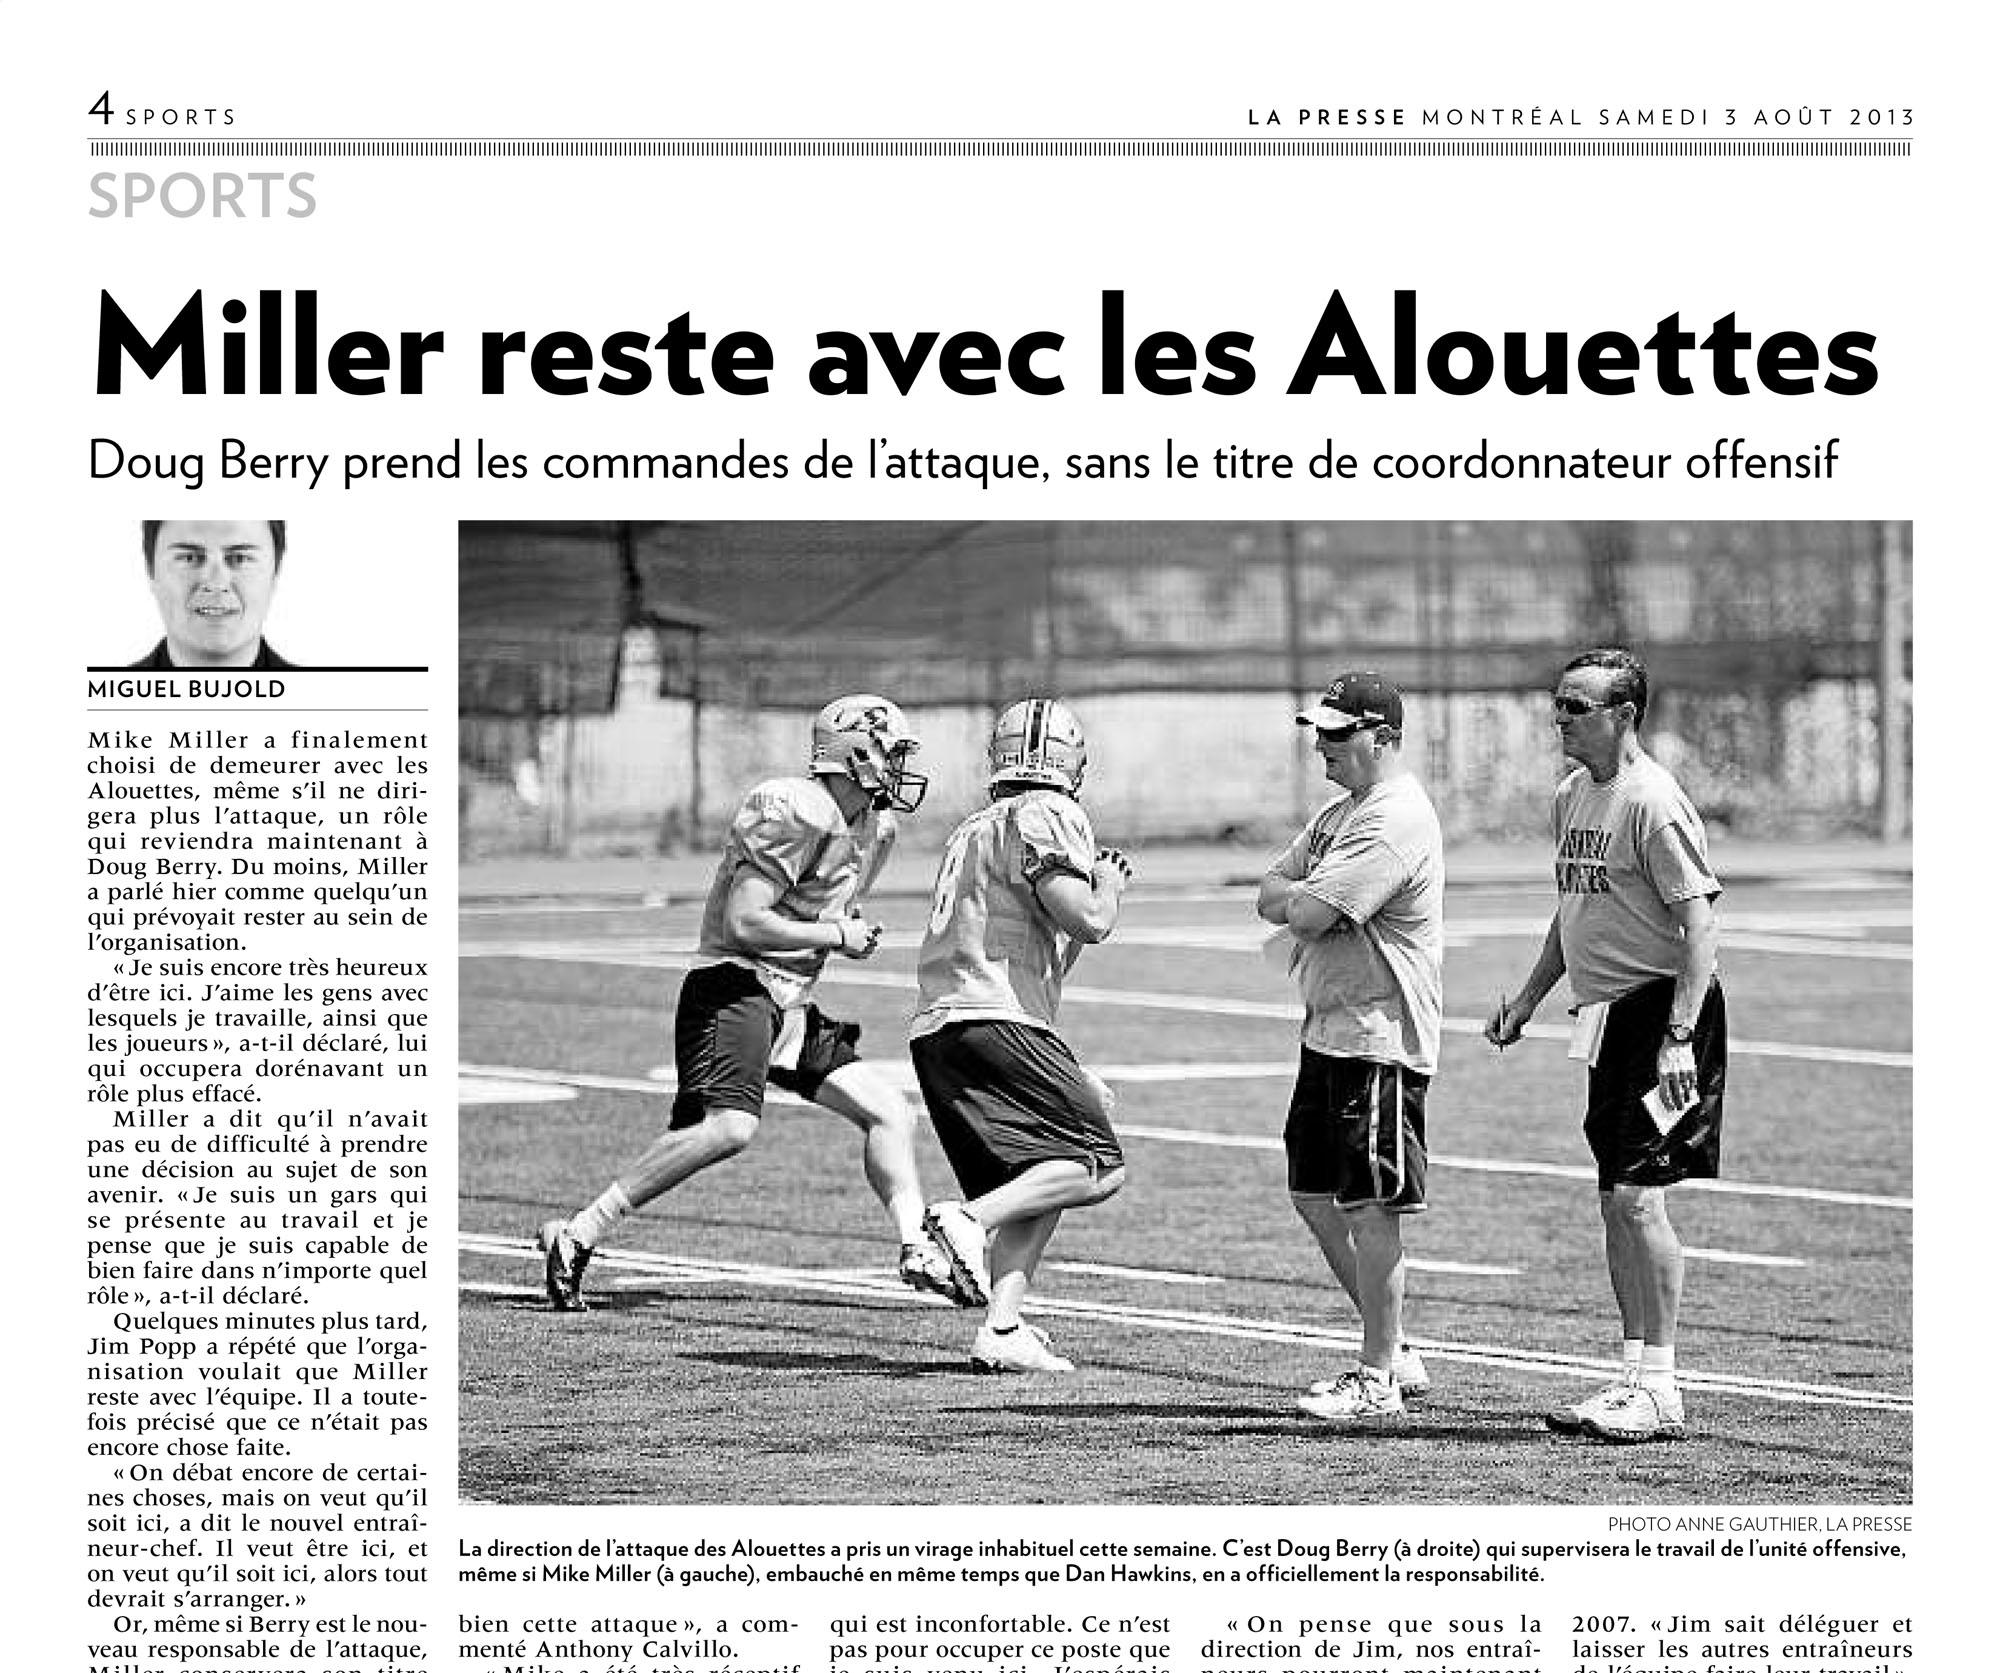 Miller Alouettes-2013-08-03 LA PRESSE Photo Anne Gauthier